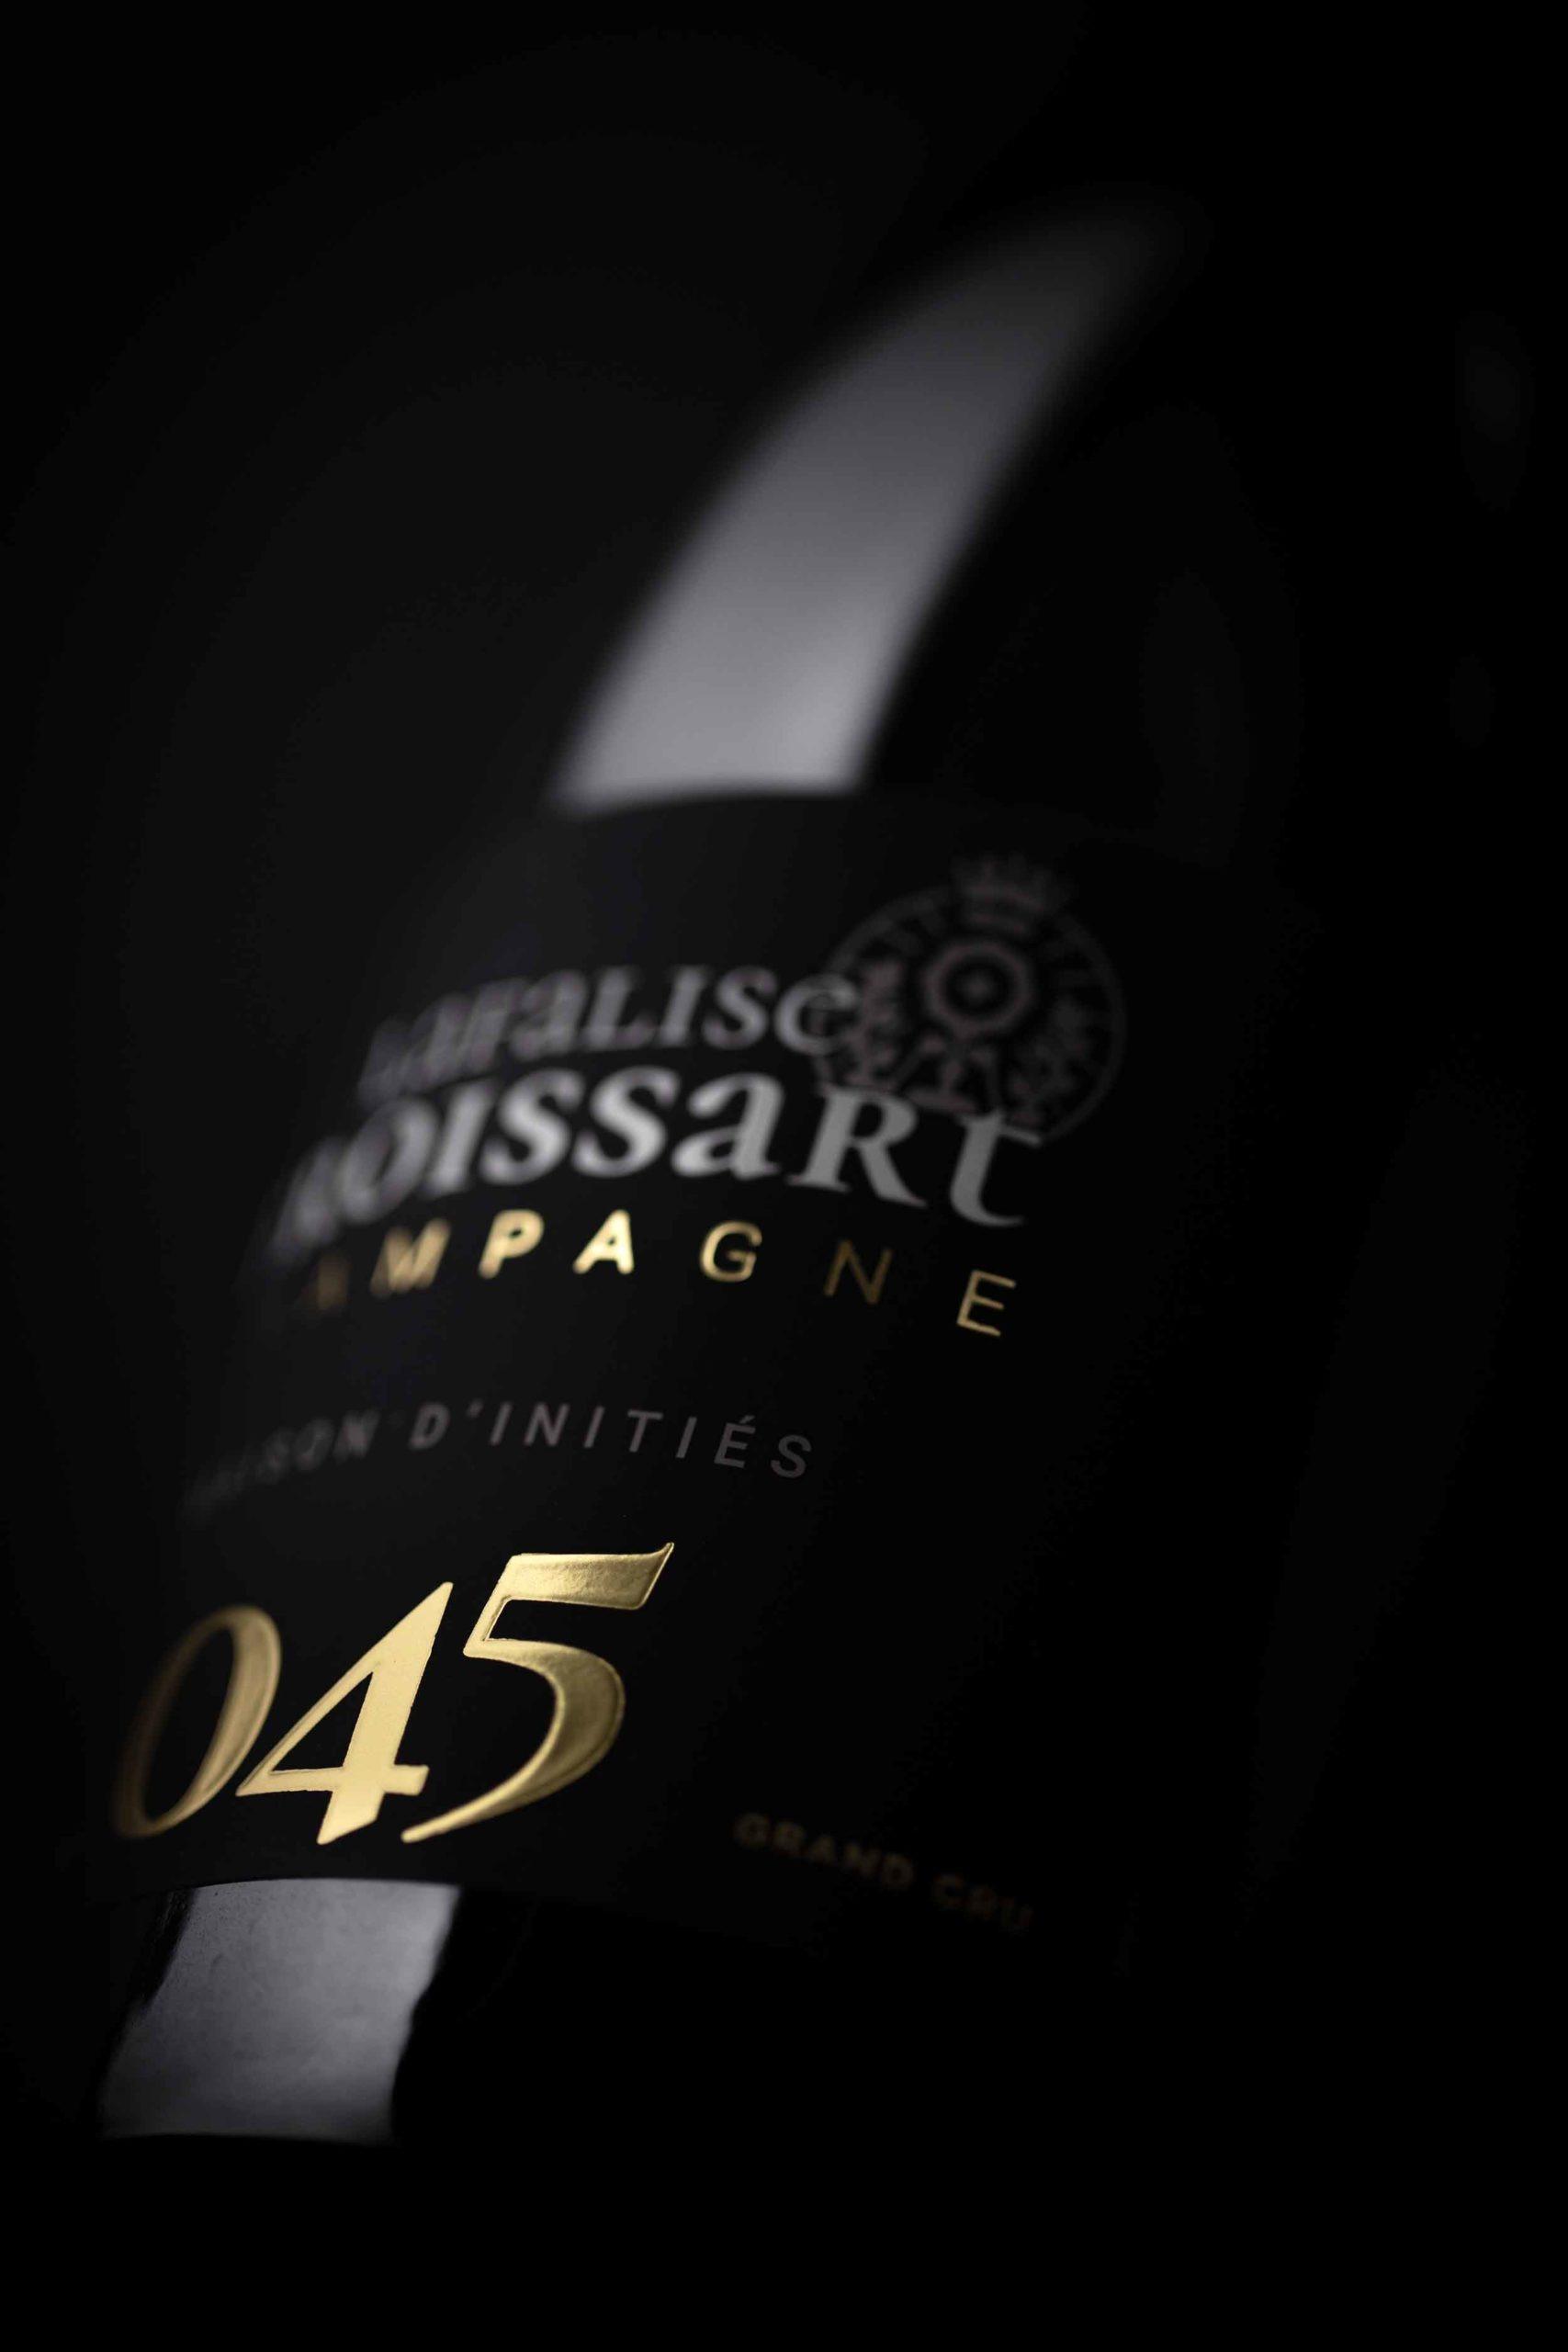 Packshots photo macro lifestyle 045 - Champagne Lafalise Froissart - Agence Discovery